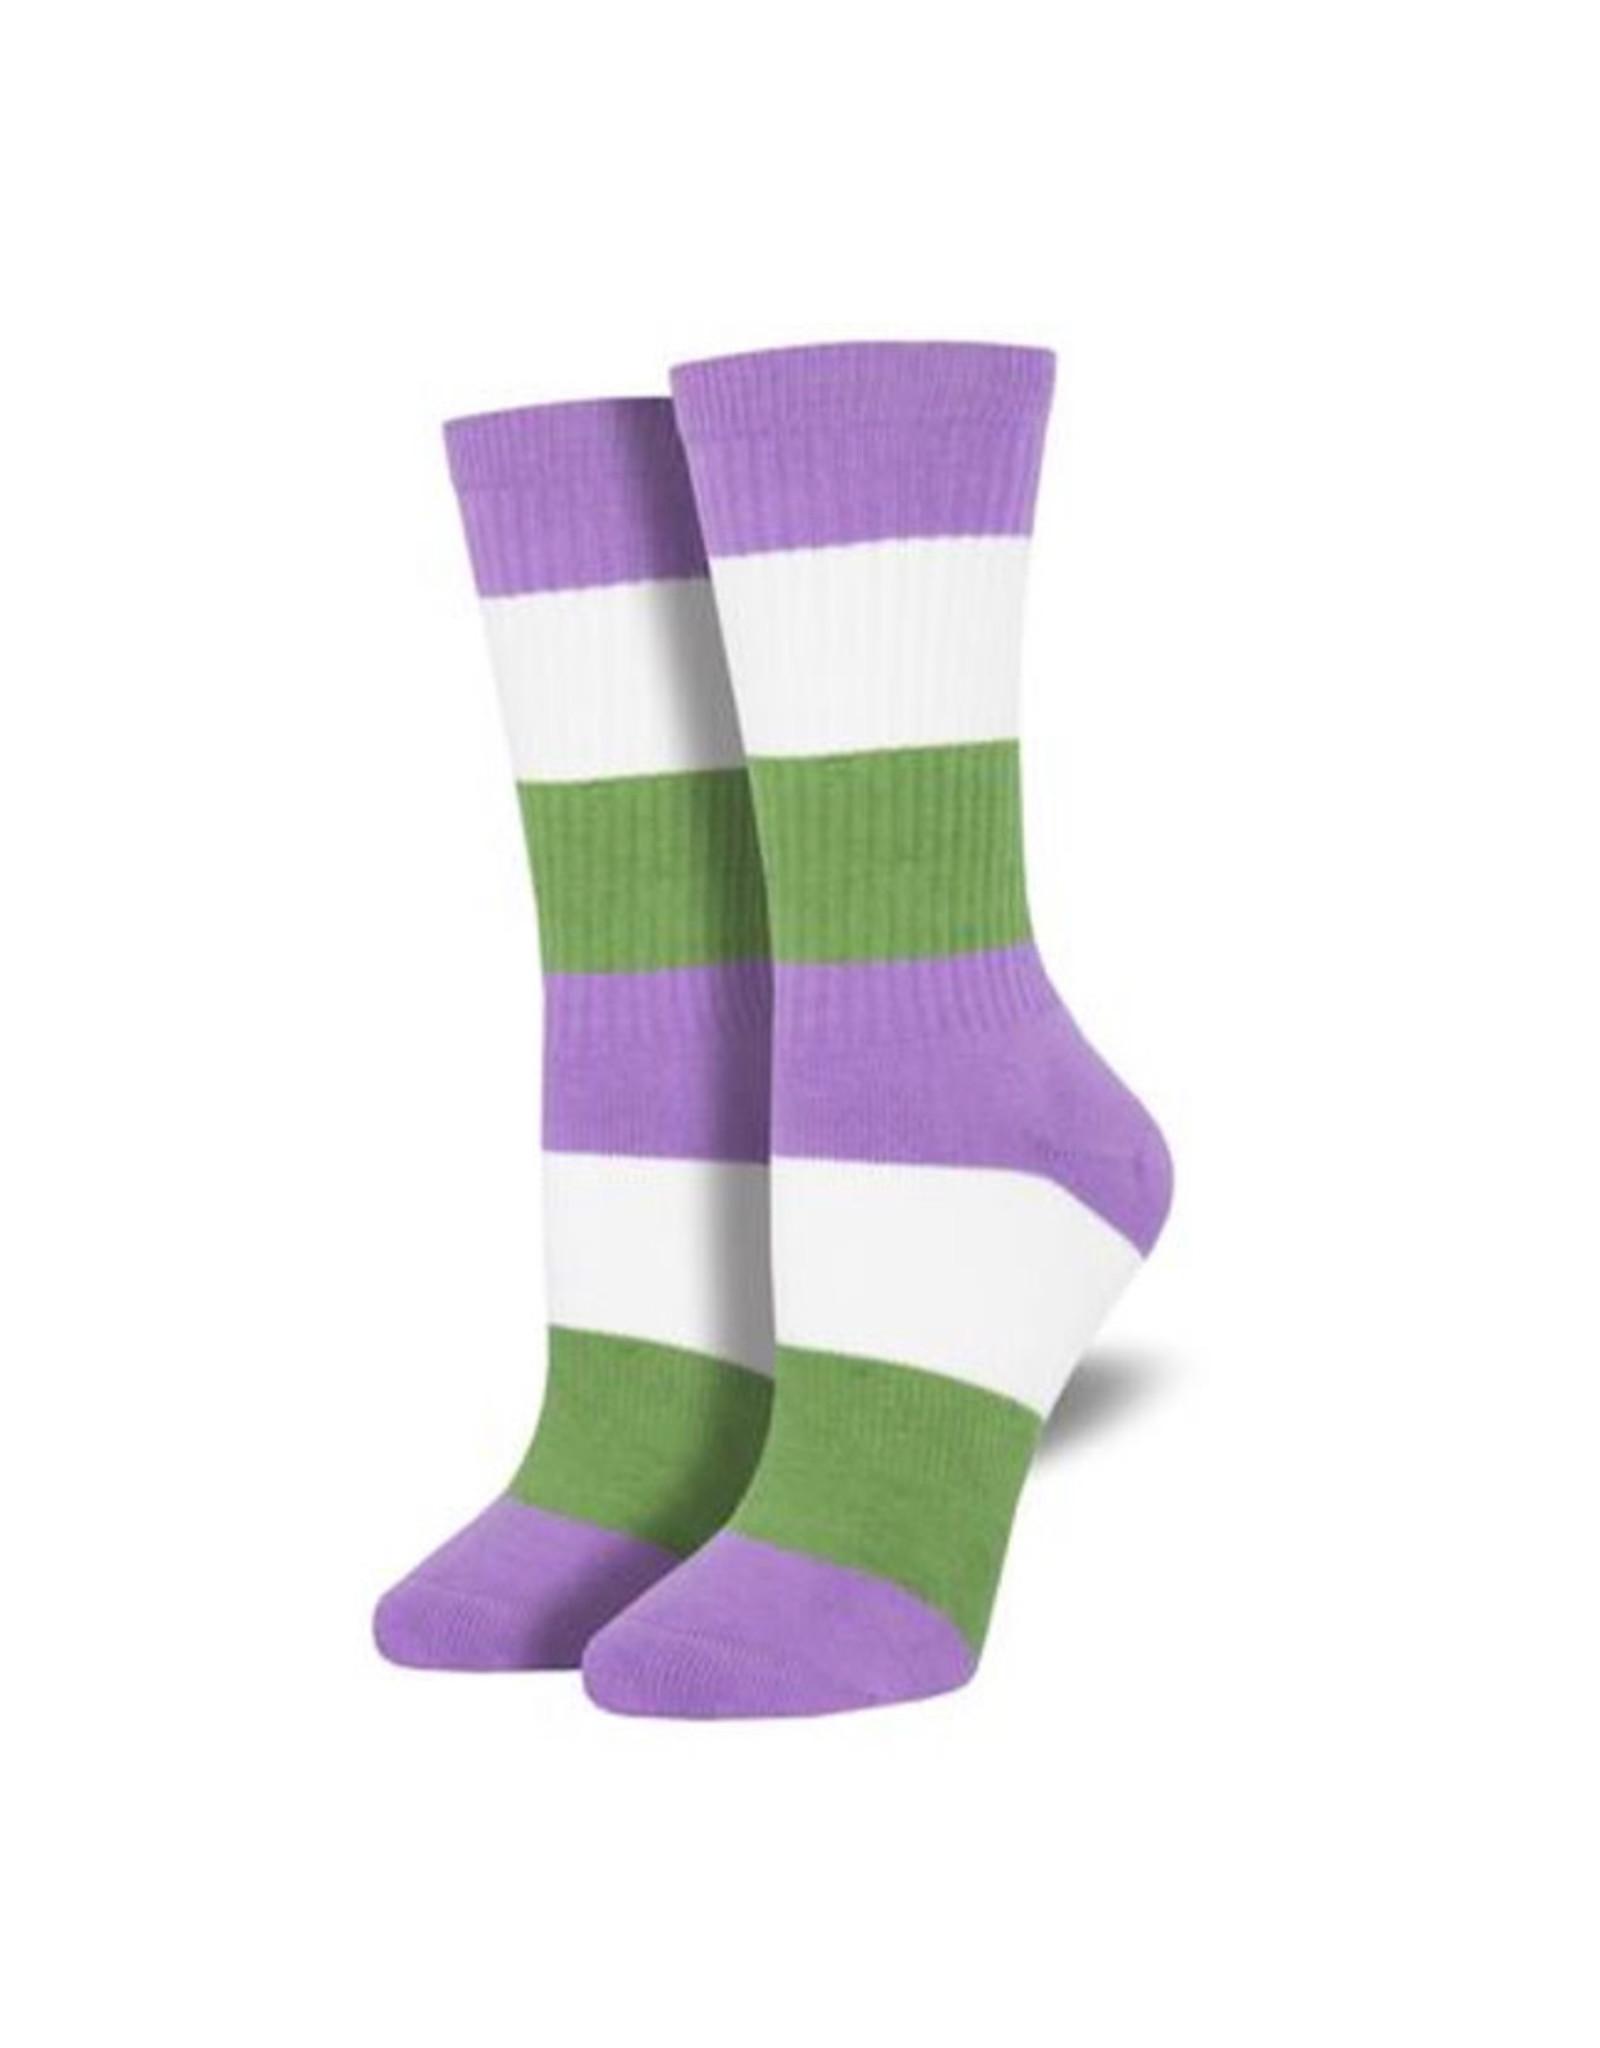 Socks (Smaller sizes) - Genderqueer Pride